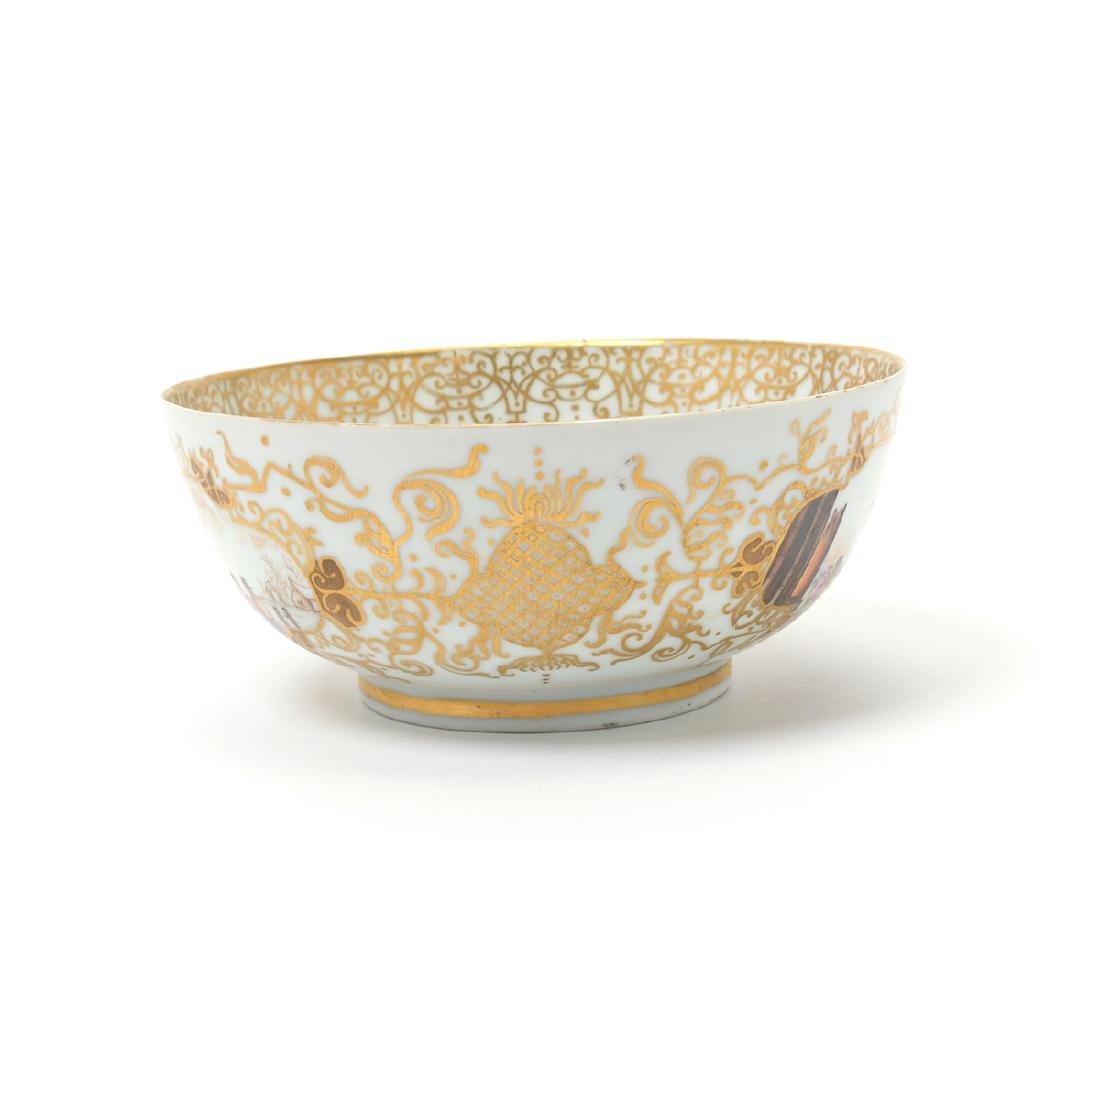 German Porcelain Bowl with Landscape Vignettes, 18th - 8